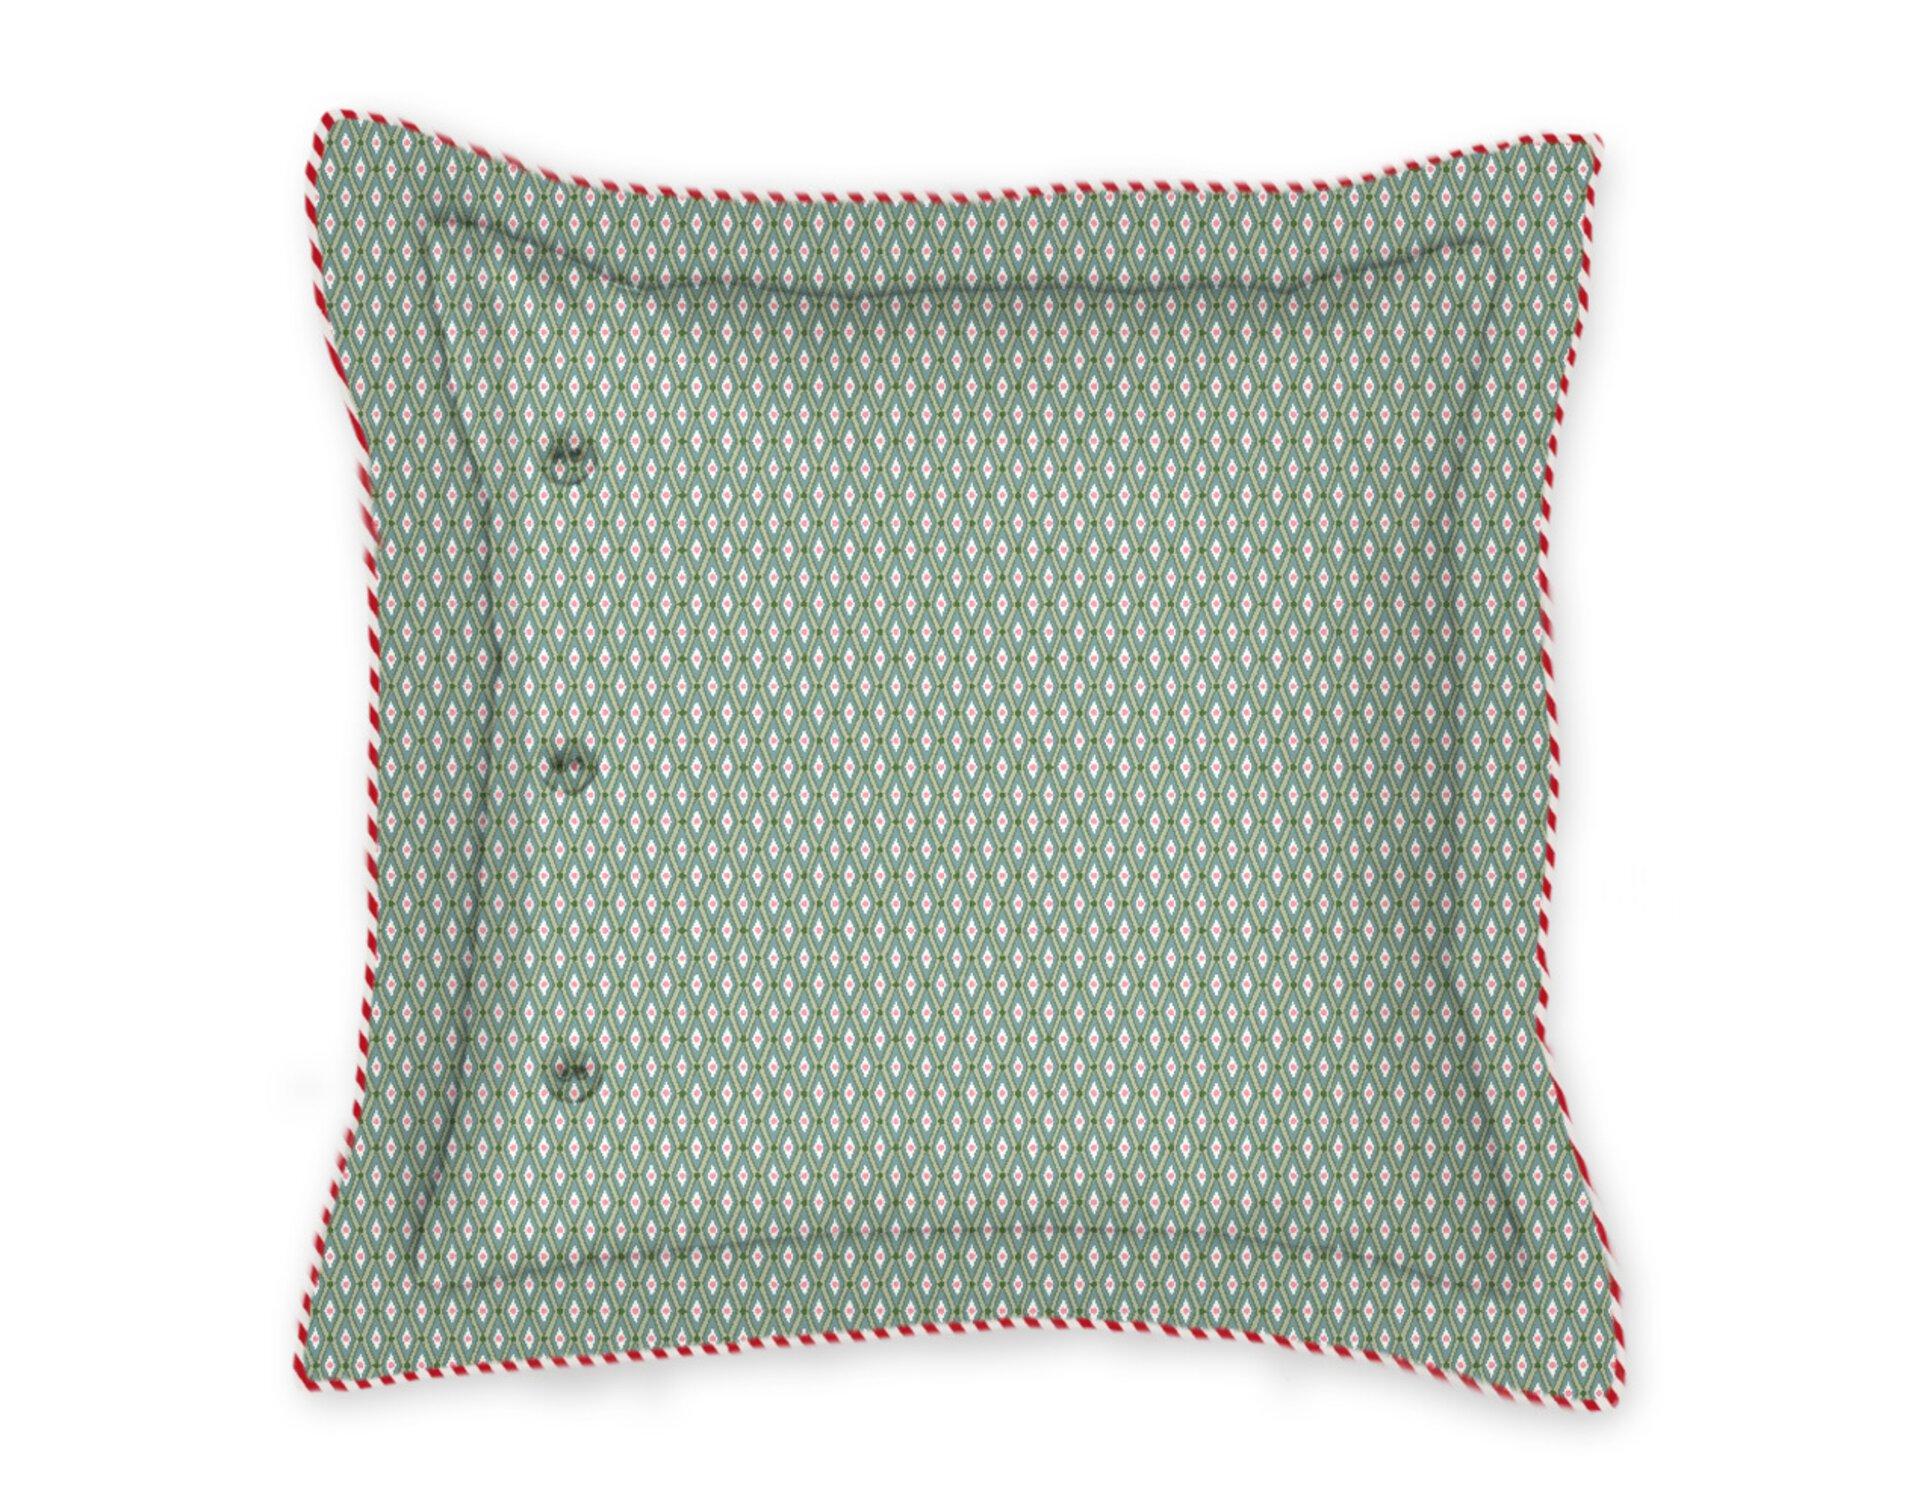 Kissen Petites Fleurs PIP STUDIO Textil gelb 45 x 45 cm